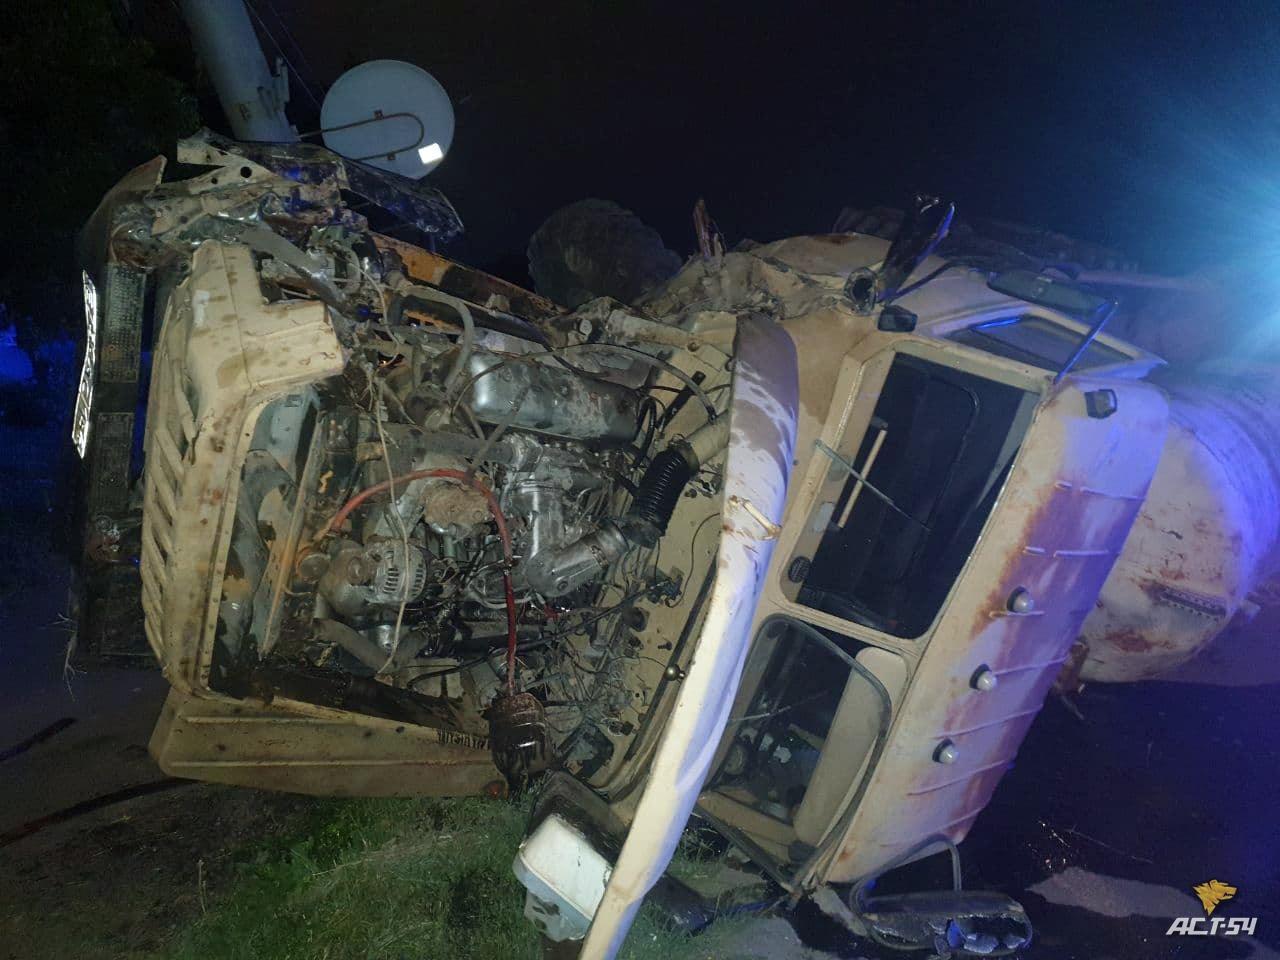 фото Ассенизаторская машина перевернулась ночью в Новосибирске 3